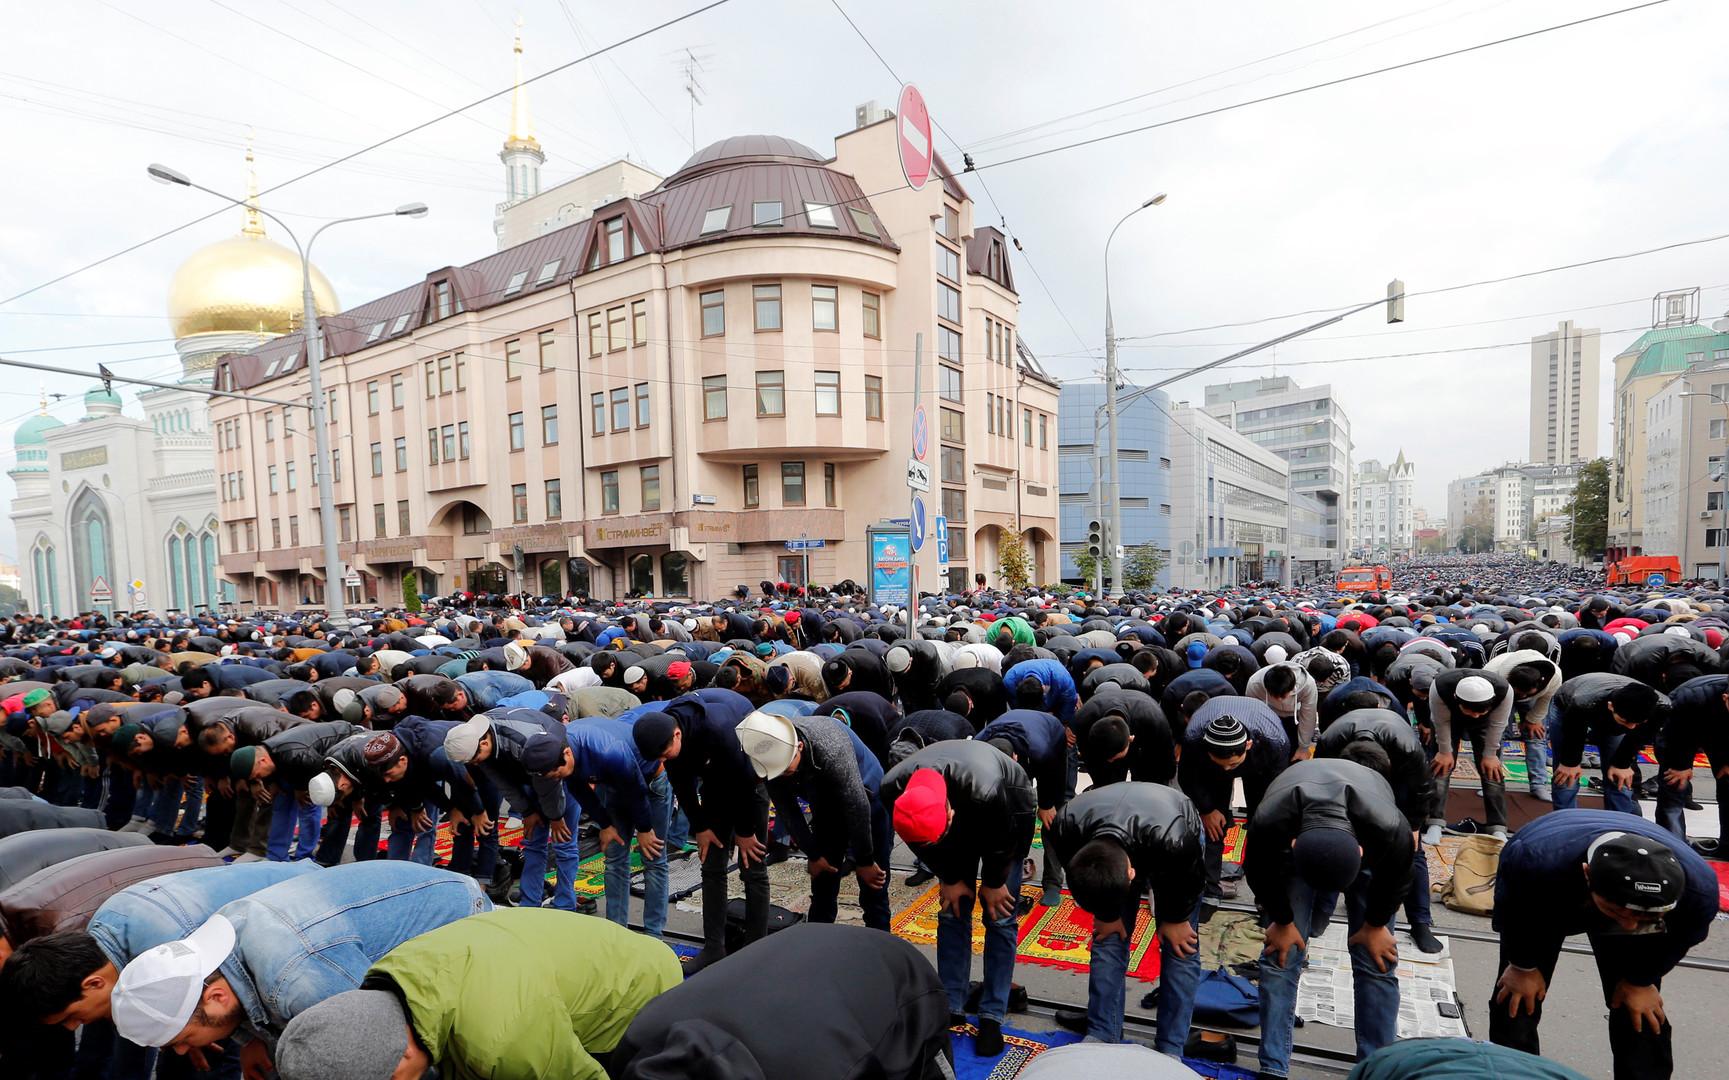 Des musulmans en prière près de la grande mosquée de Moscou.